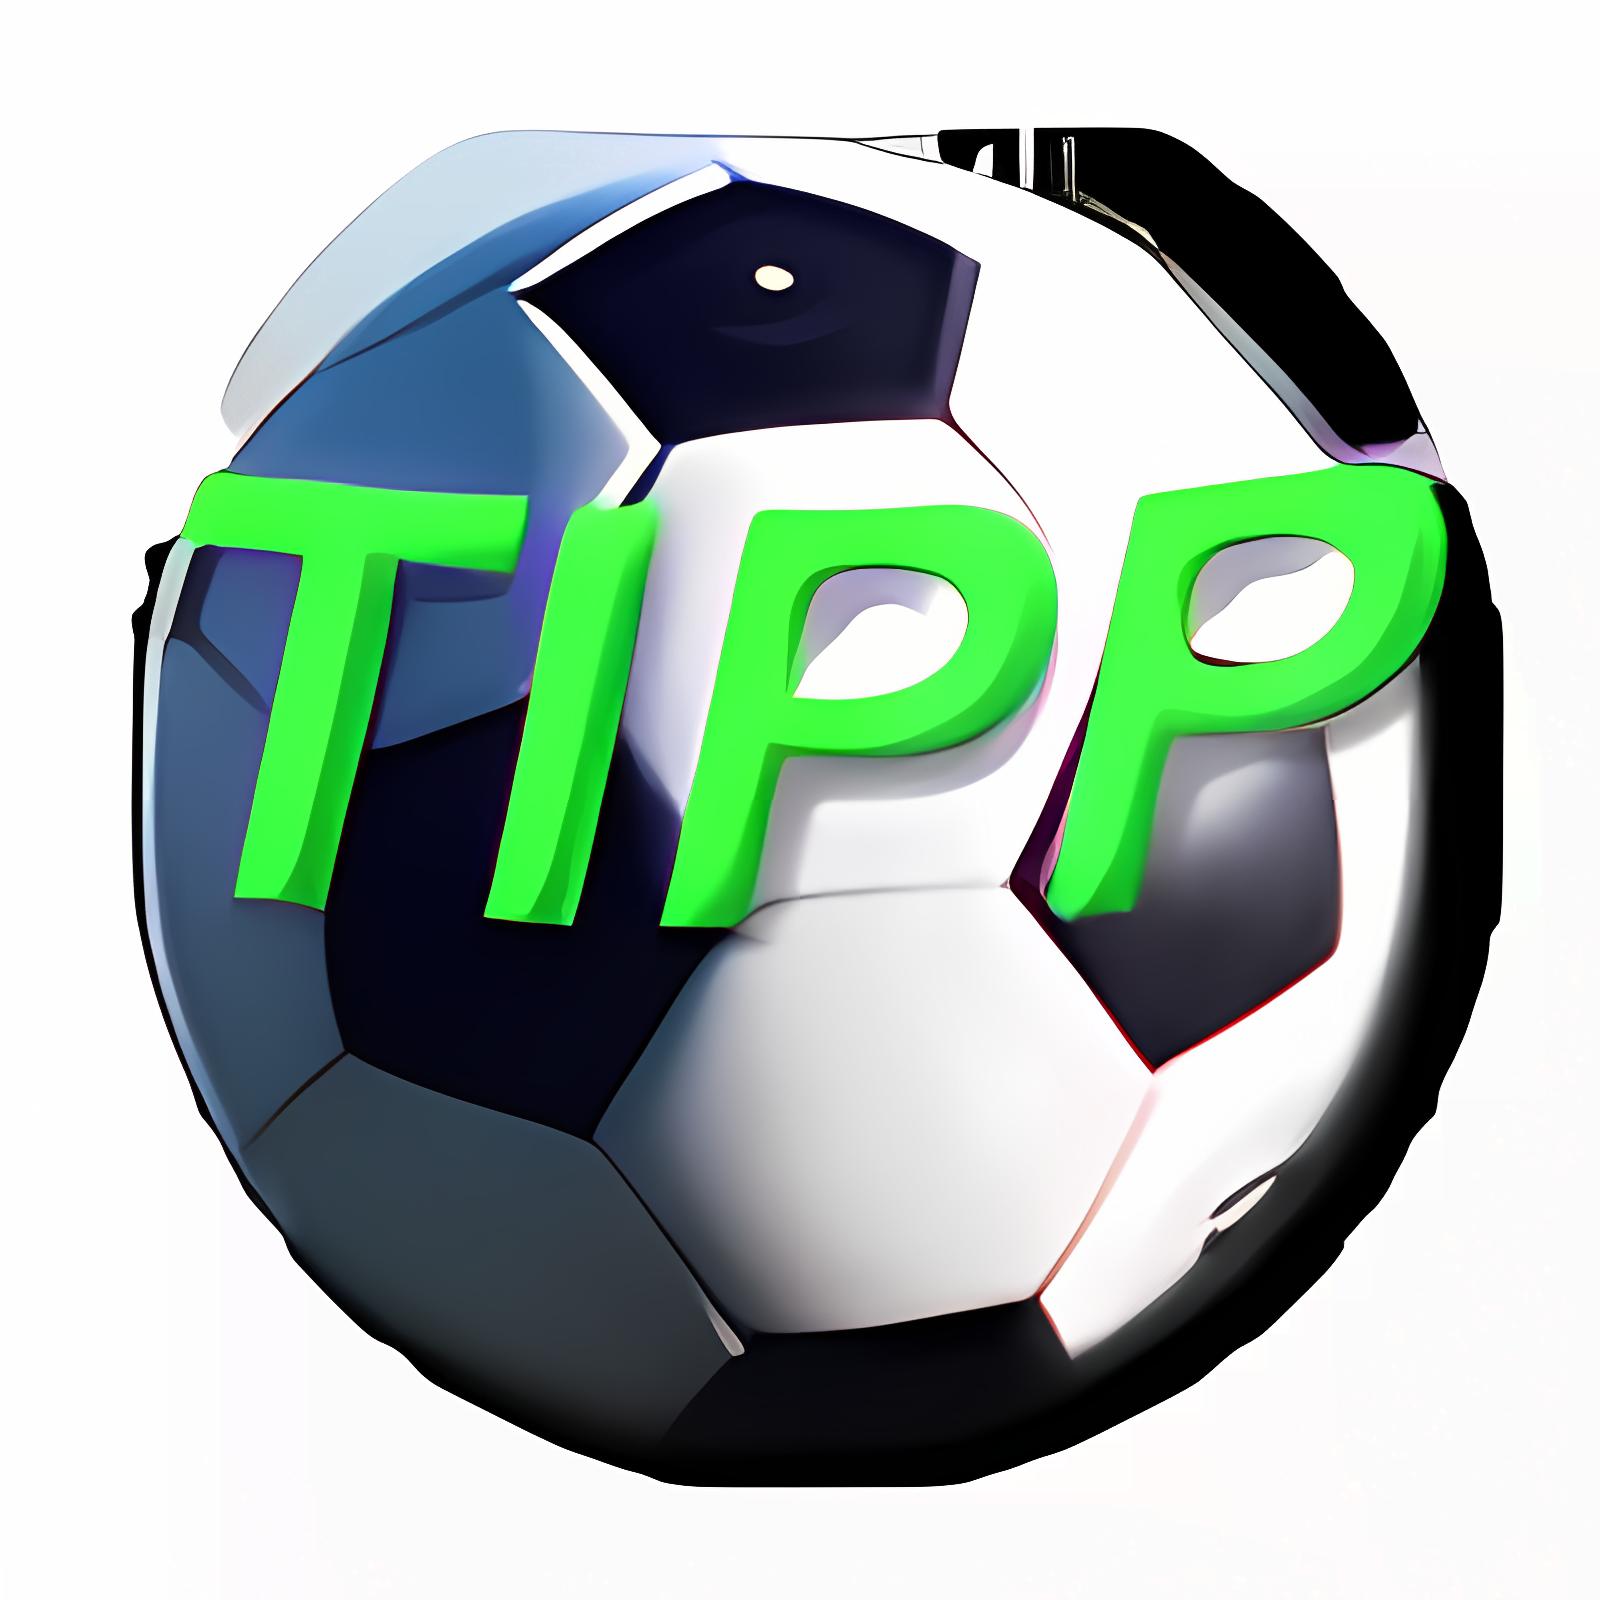 Fussballtippgemeinschaft Free Edition 4.1